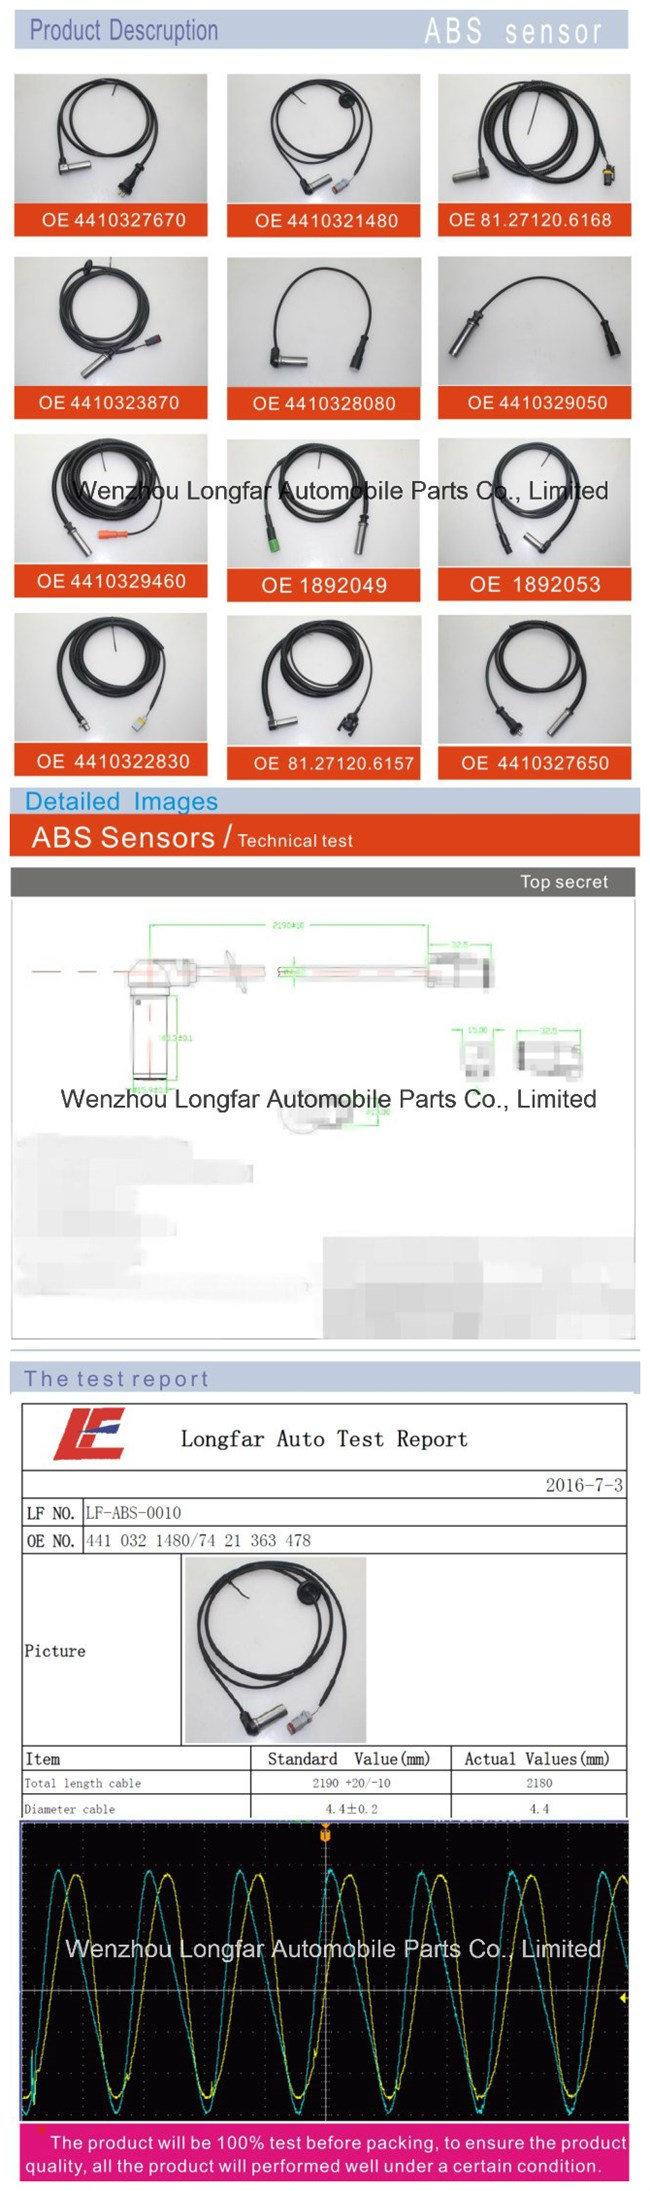 Auto Crankshaft Position Sensor Engine Speed Transducer Indicator Sensor 9947855,8941160A030,5s4687,V40-72-0423 for GM,FIAT,Lancia,Hyundai,Suzuki,Chevrolet